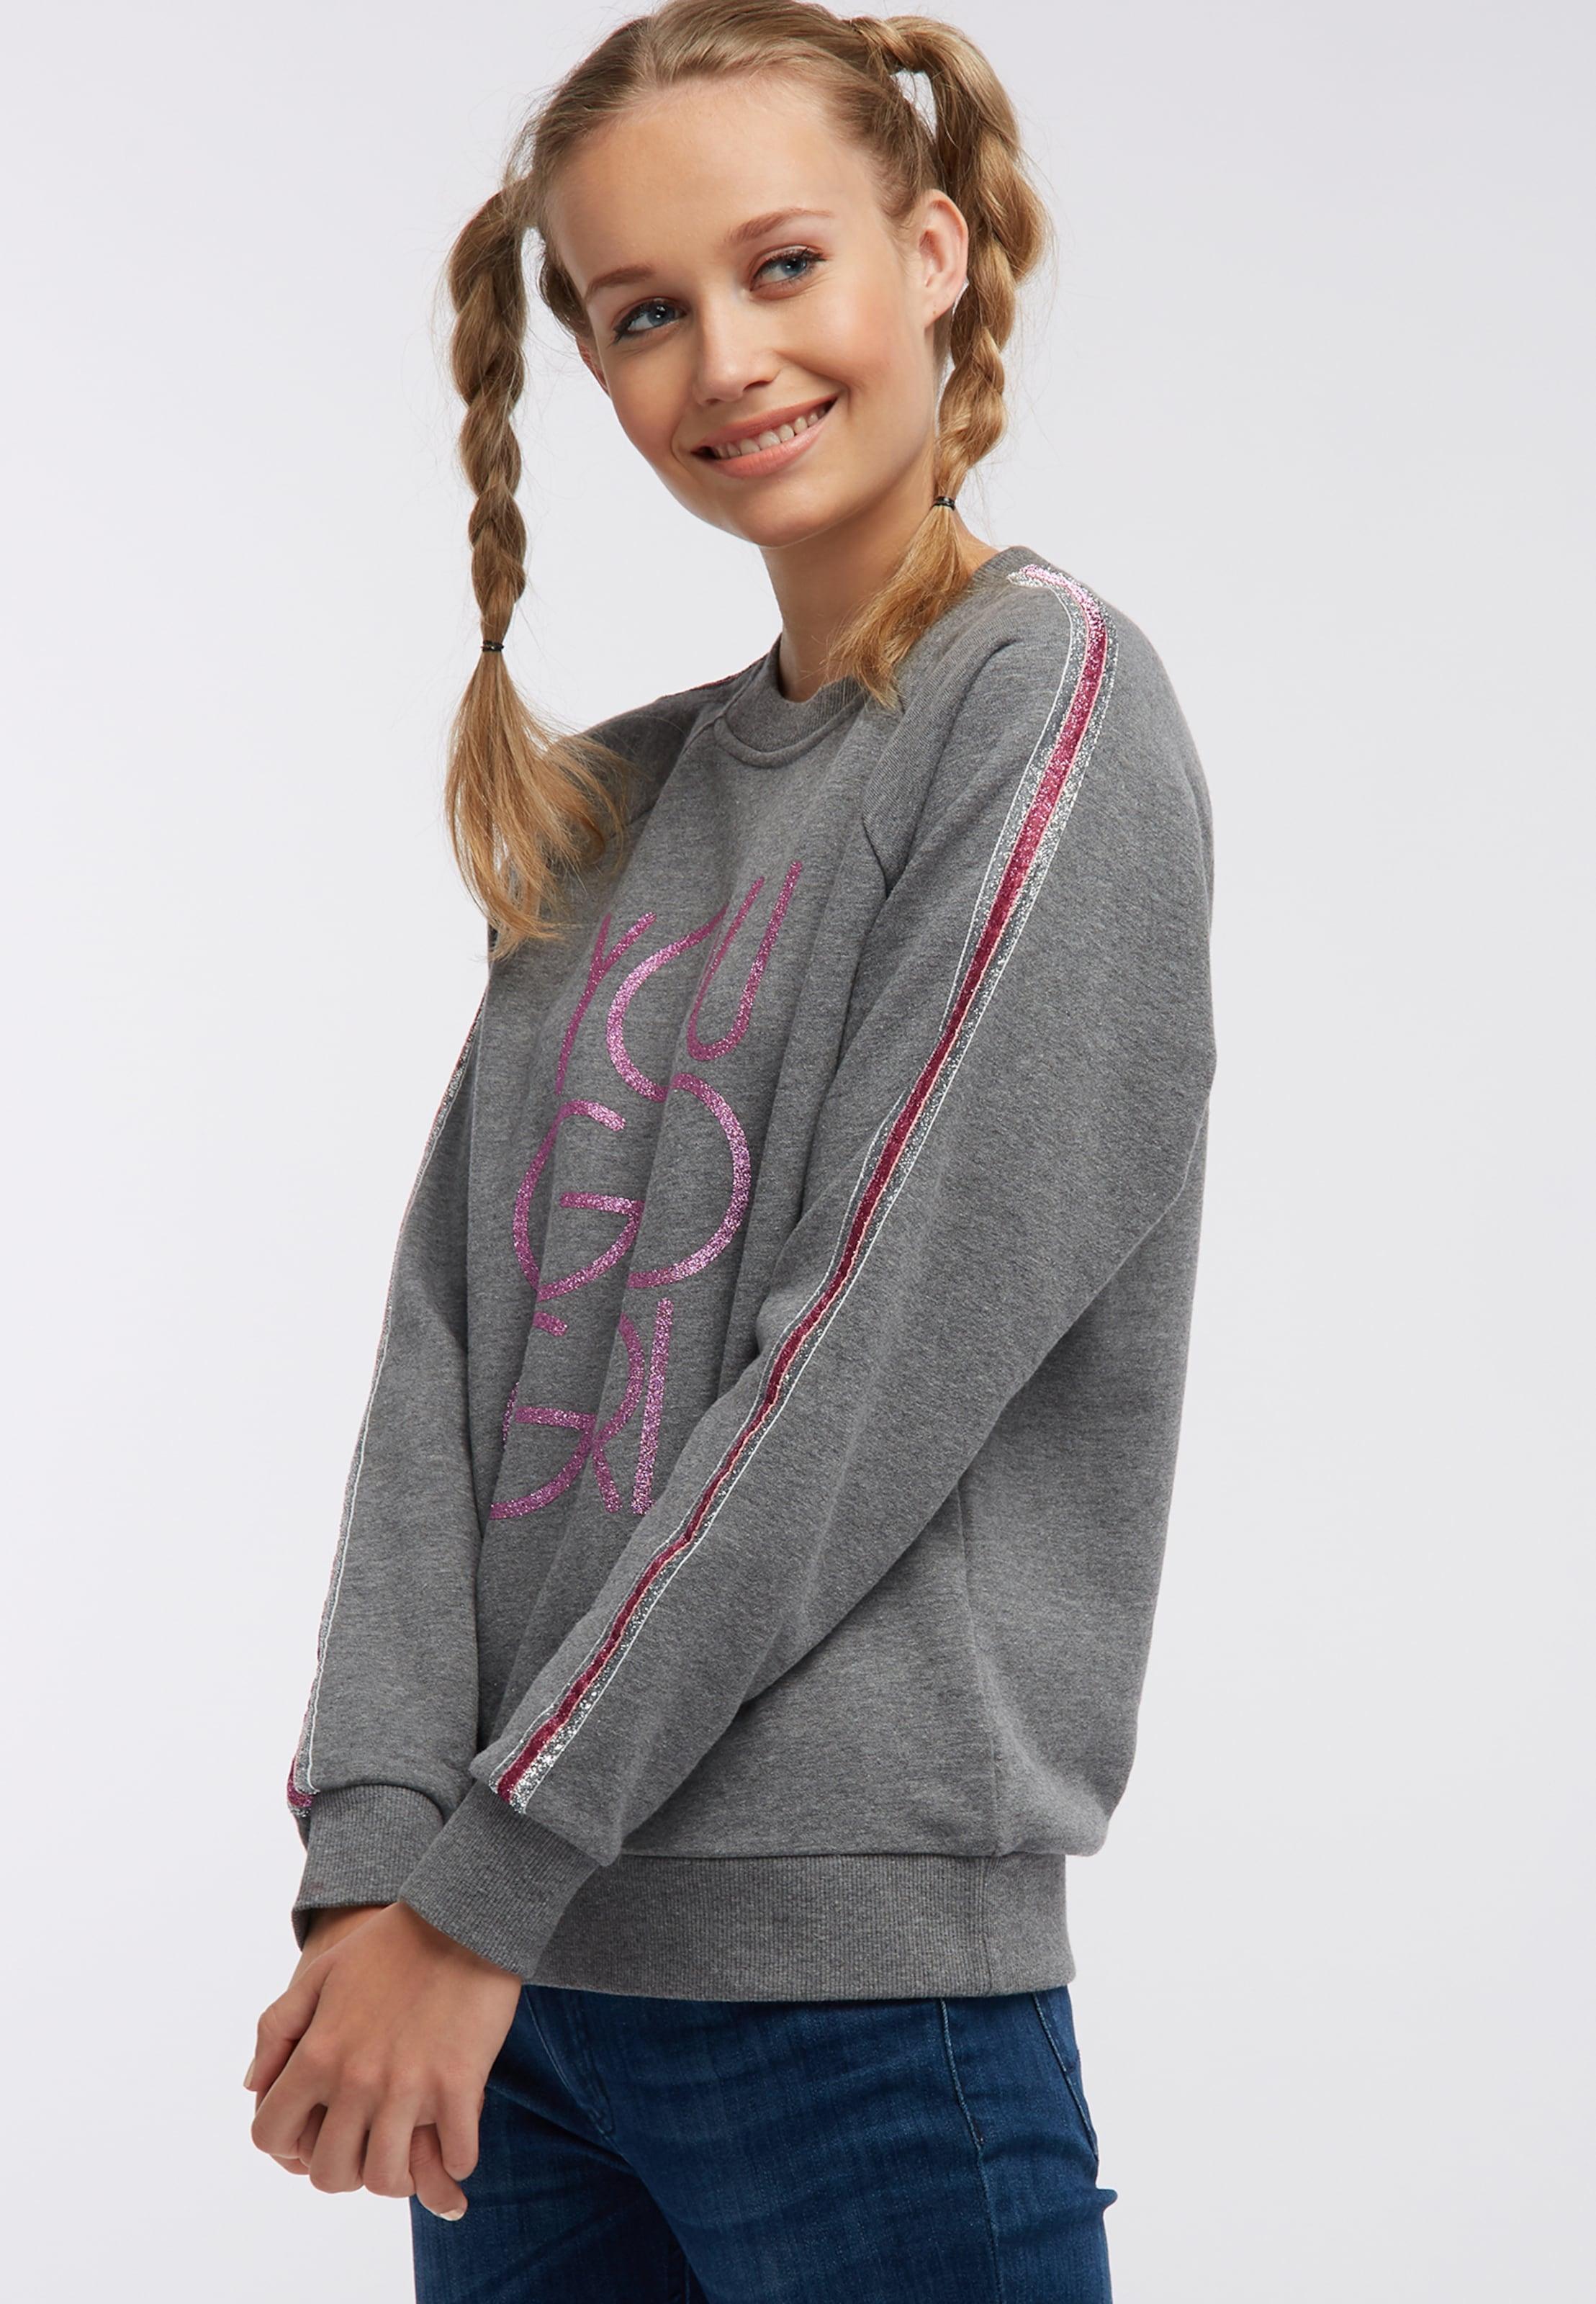 In Mymo Mymo Sweatshirt Sweatshirt GrauPink 7yYv6gfb